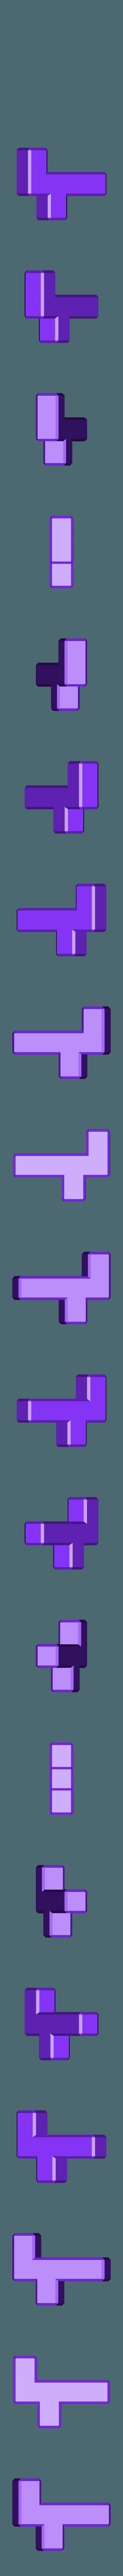 Puzzle Piece 3.stl Download free STL file 4x4 Puzzle Cube • 3D printer model, FerryTeacher